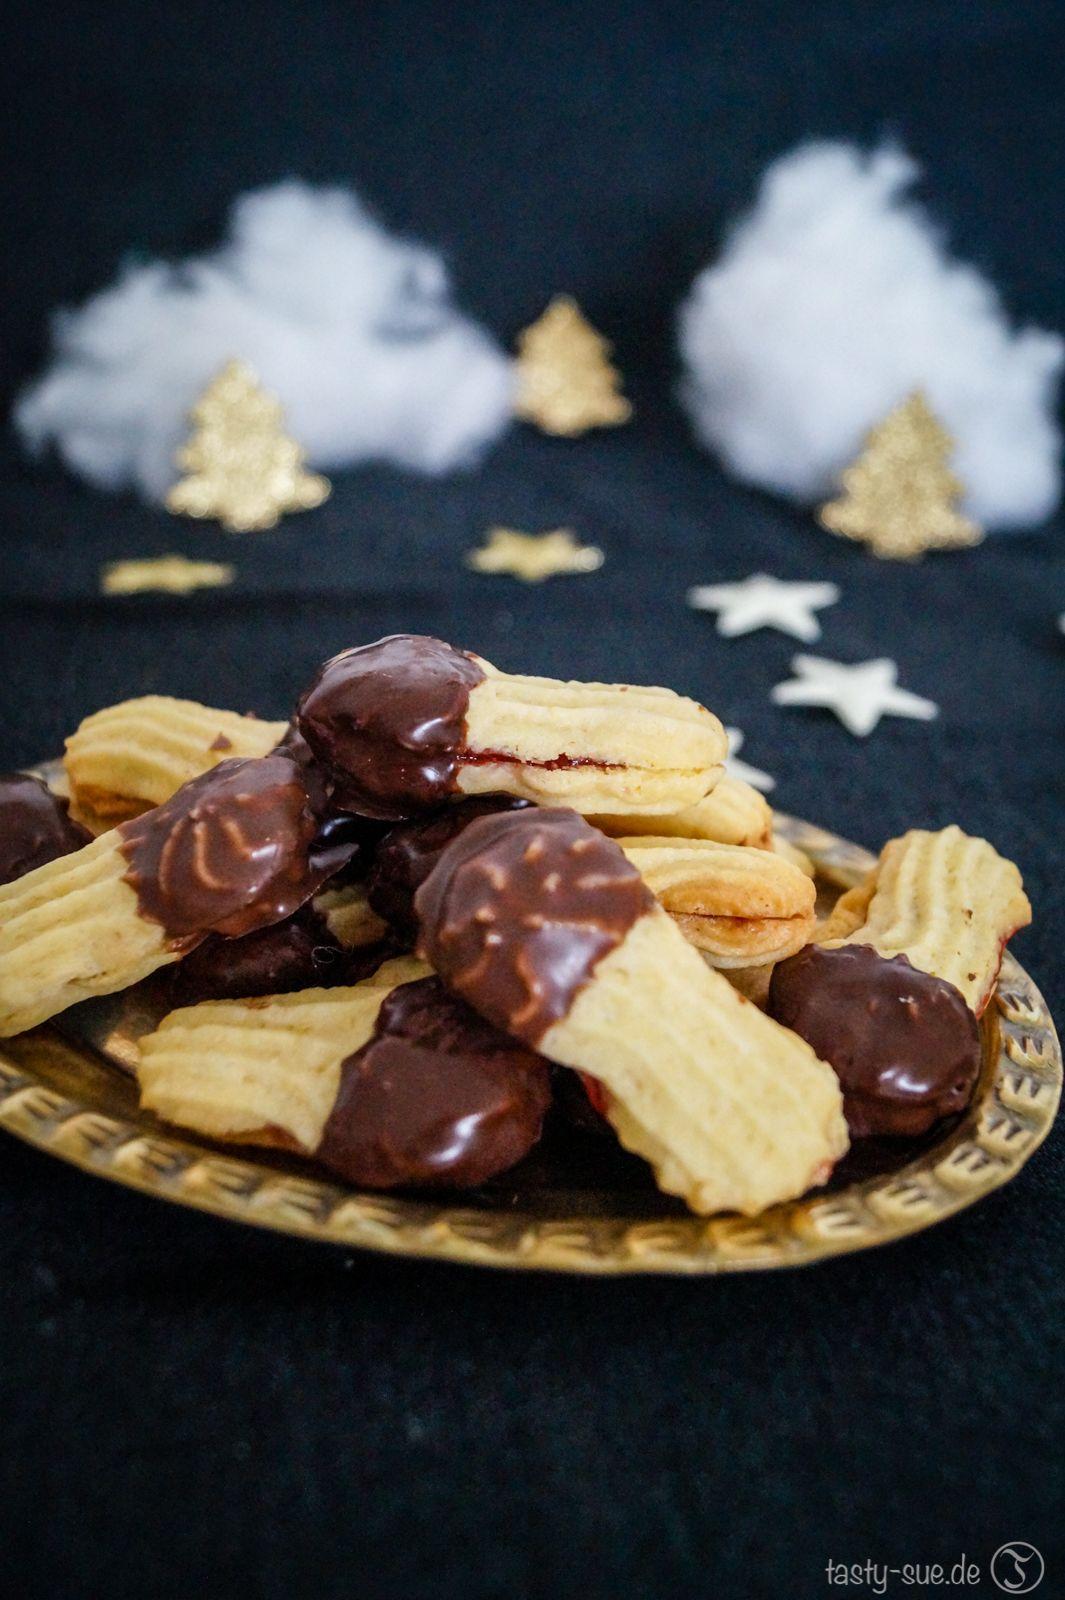 Weihnachtsplätzchen Spritzgebäck.Liebesknochen Klassisches Gefülltes Spritzgebäck Sváb ételek és